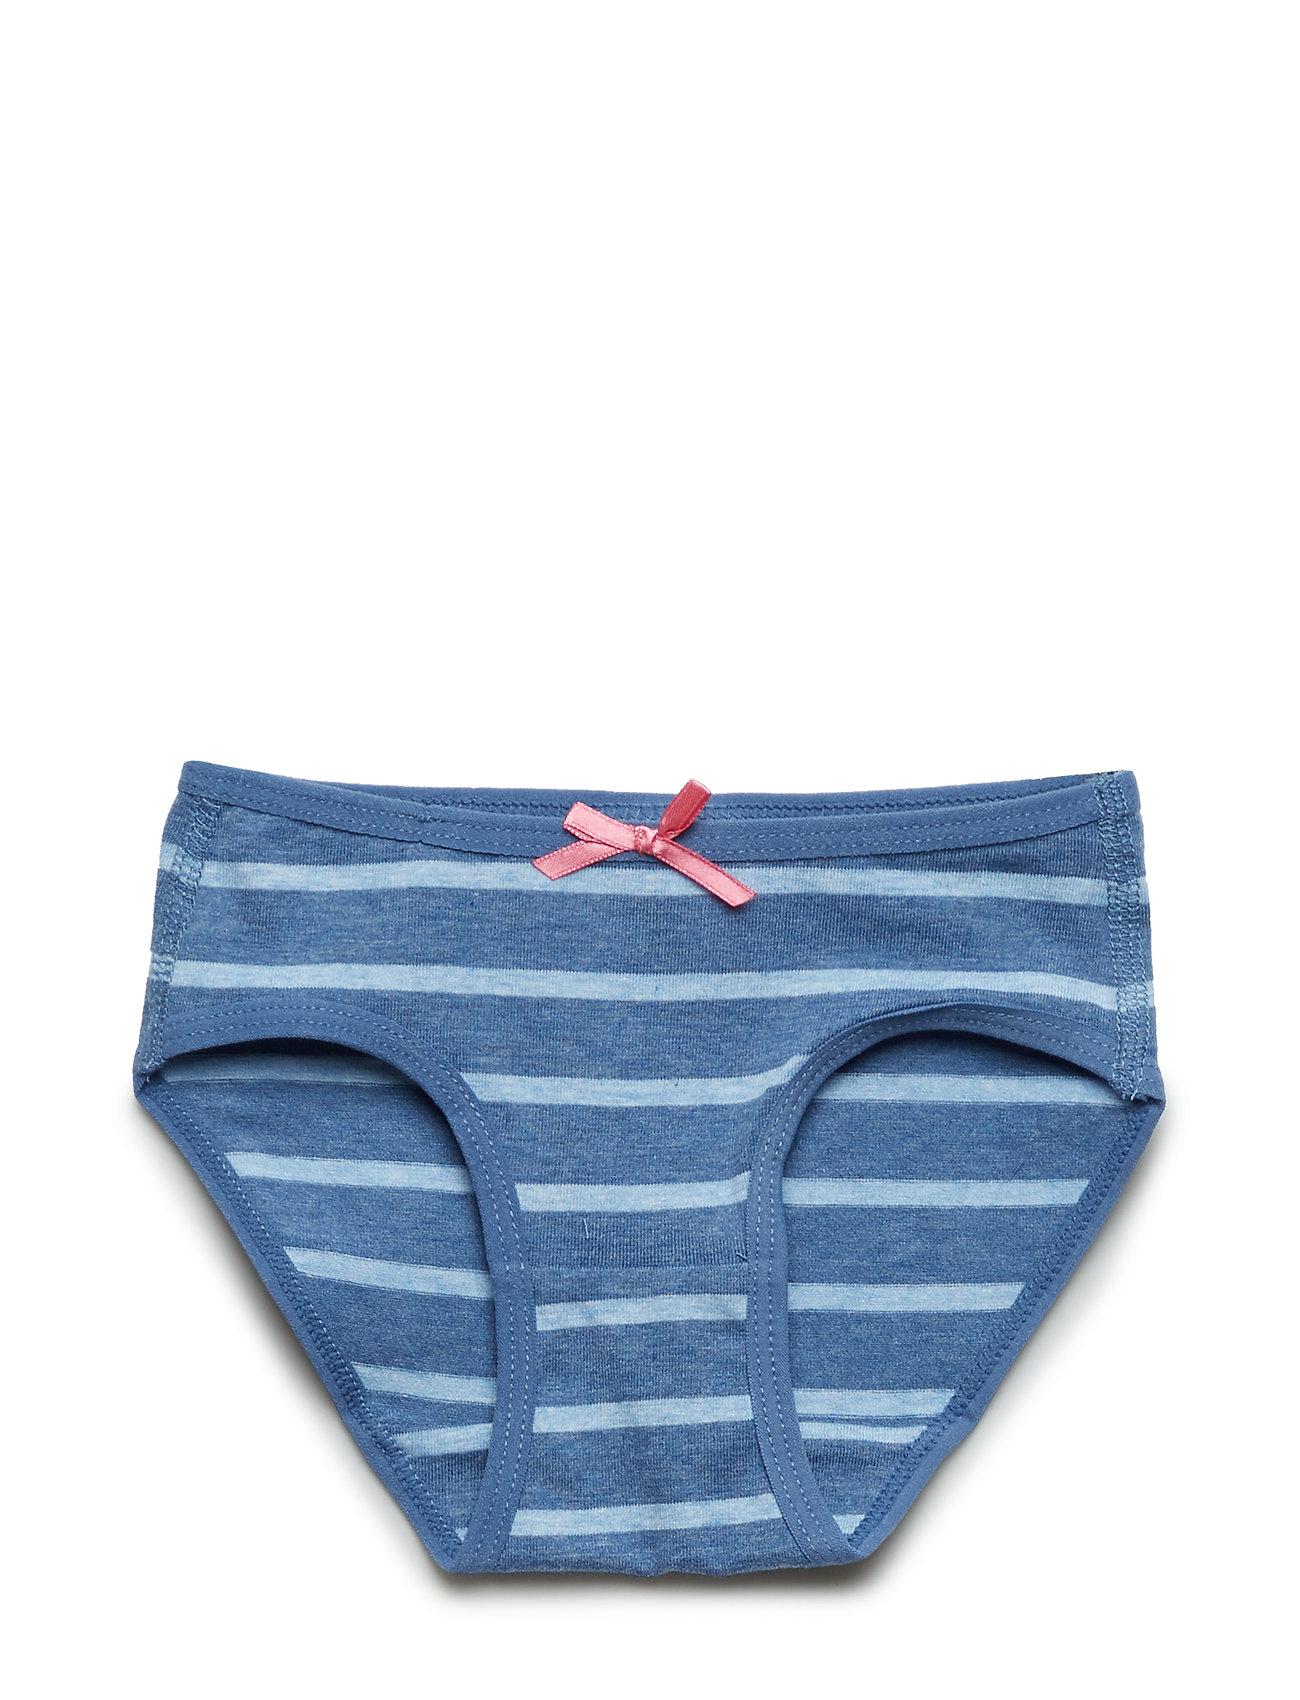 Polarn O. Pyret Girl Brief Striped Preschool - BLUEMELANGE